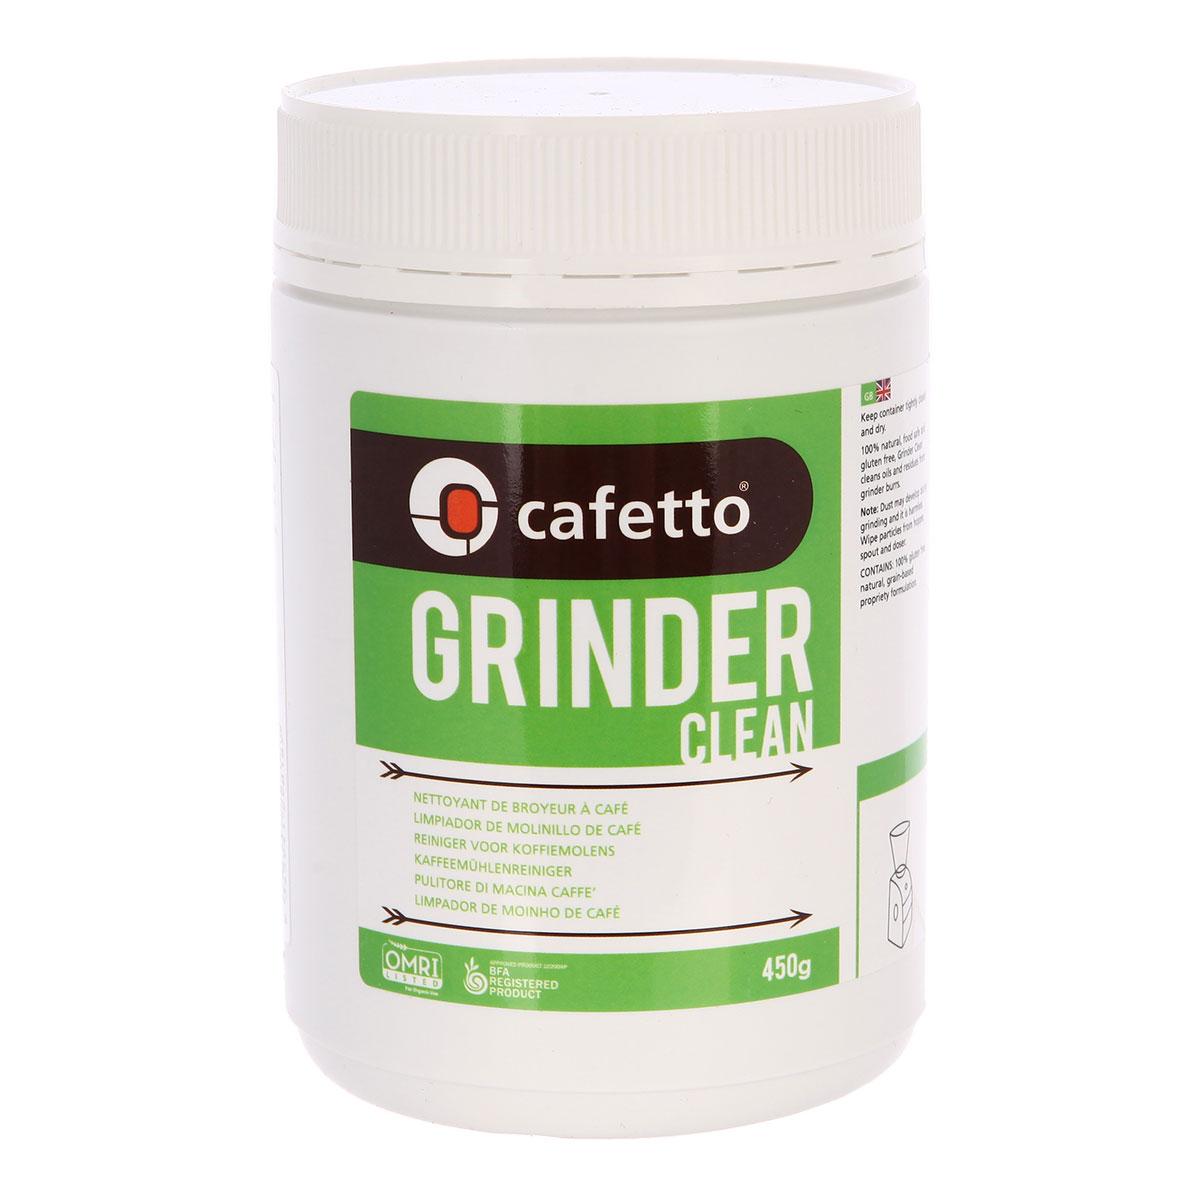 Средство для чистки кофемолок Cafetto Grinder Clean